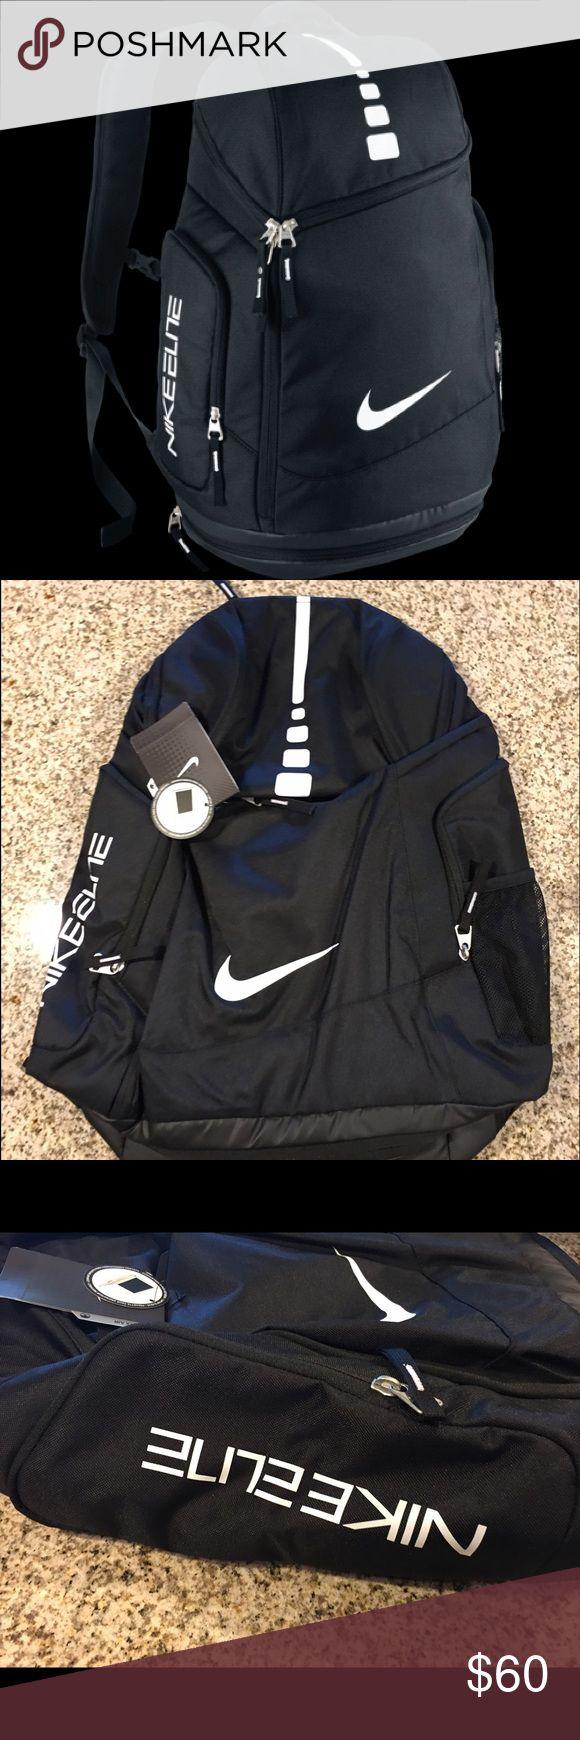 Nike Dri-fit Chaussettes De L'équipage Mens Rembourrés - 6 Paires De Homophones explorer sortie choix de sortie vente nouvelle Réduction obtenir authentique RkweEGA